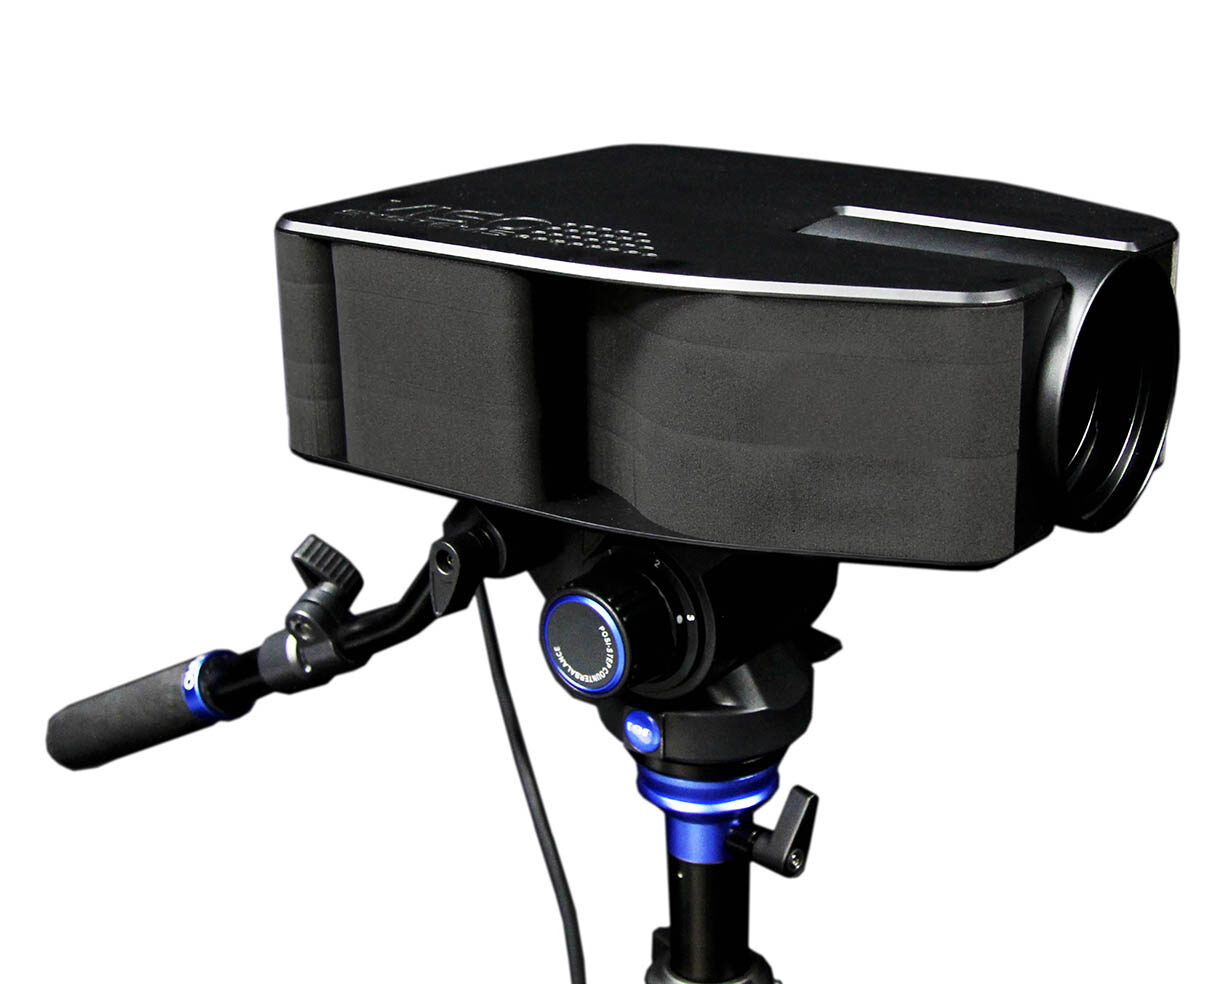 LabSensor UV Light Measurement System